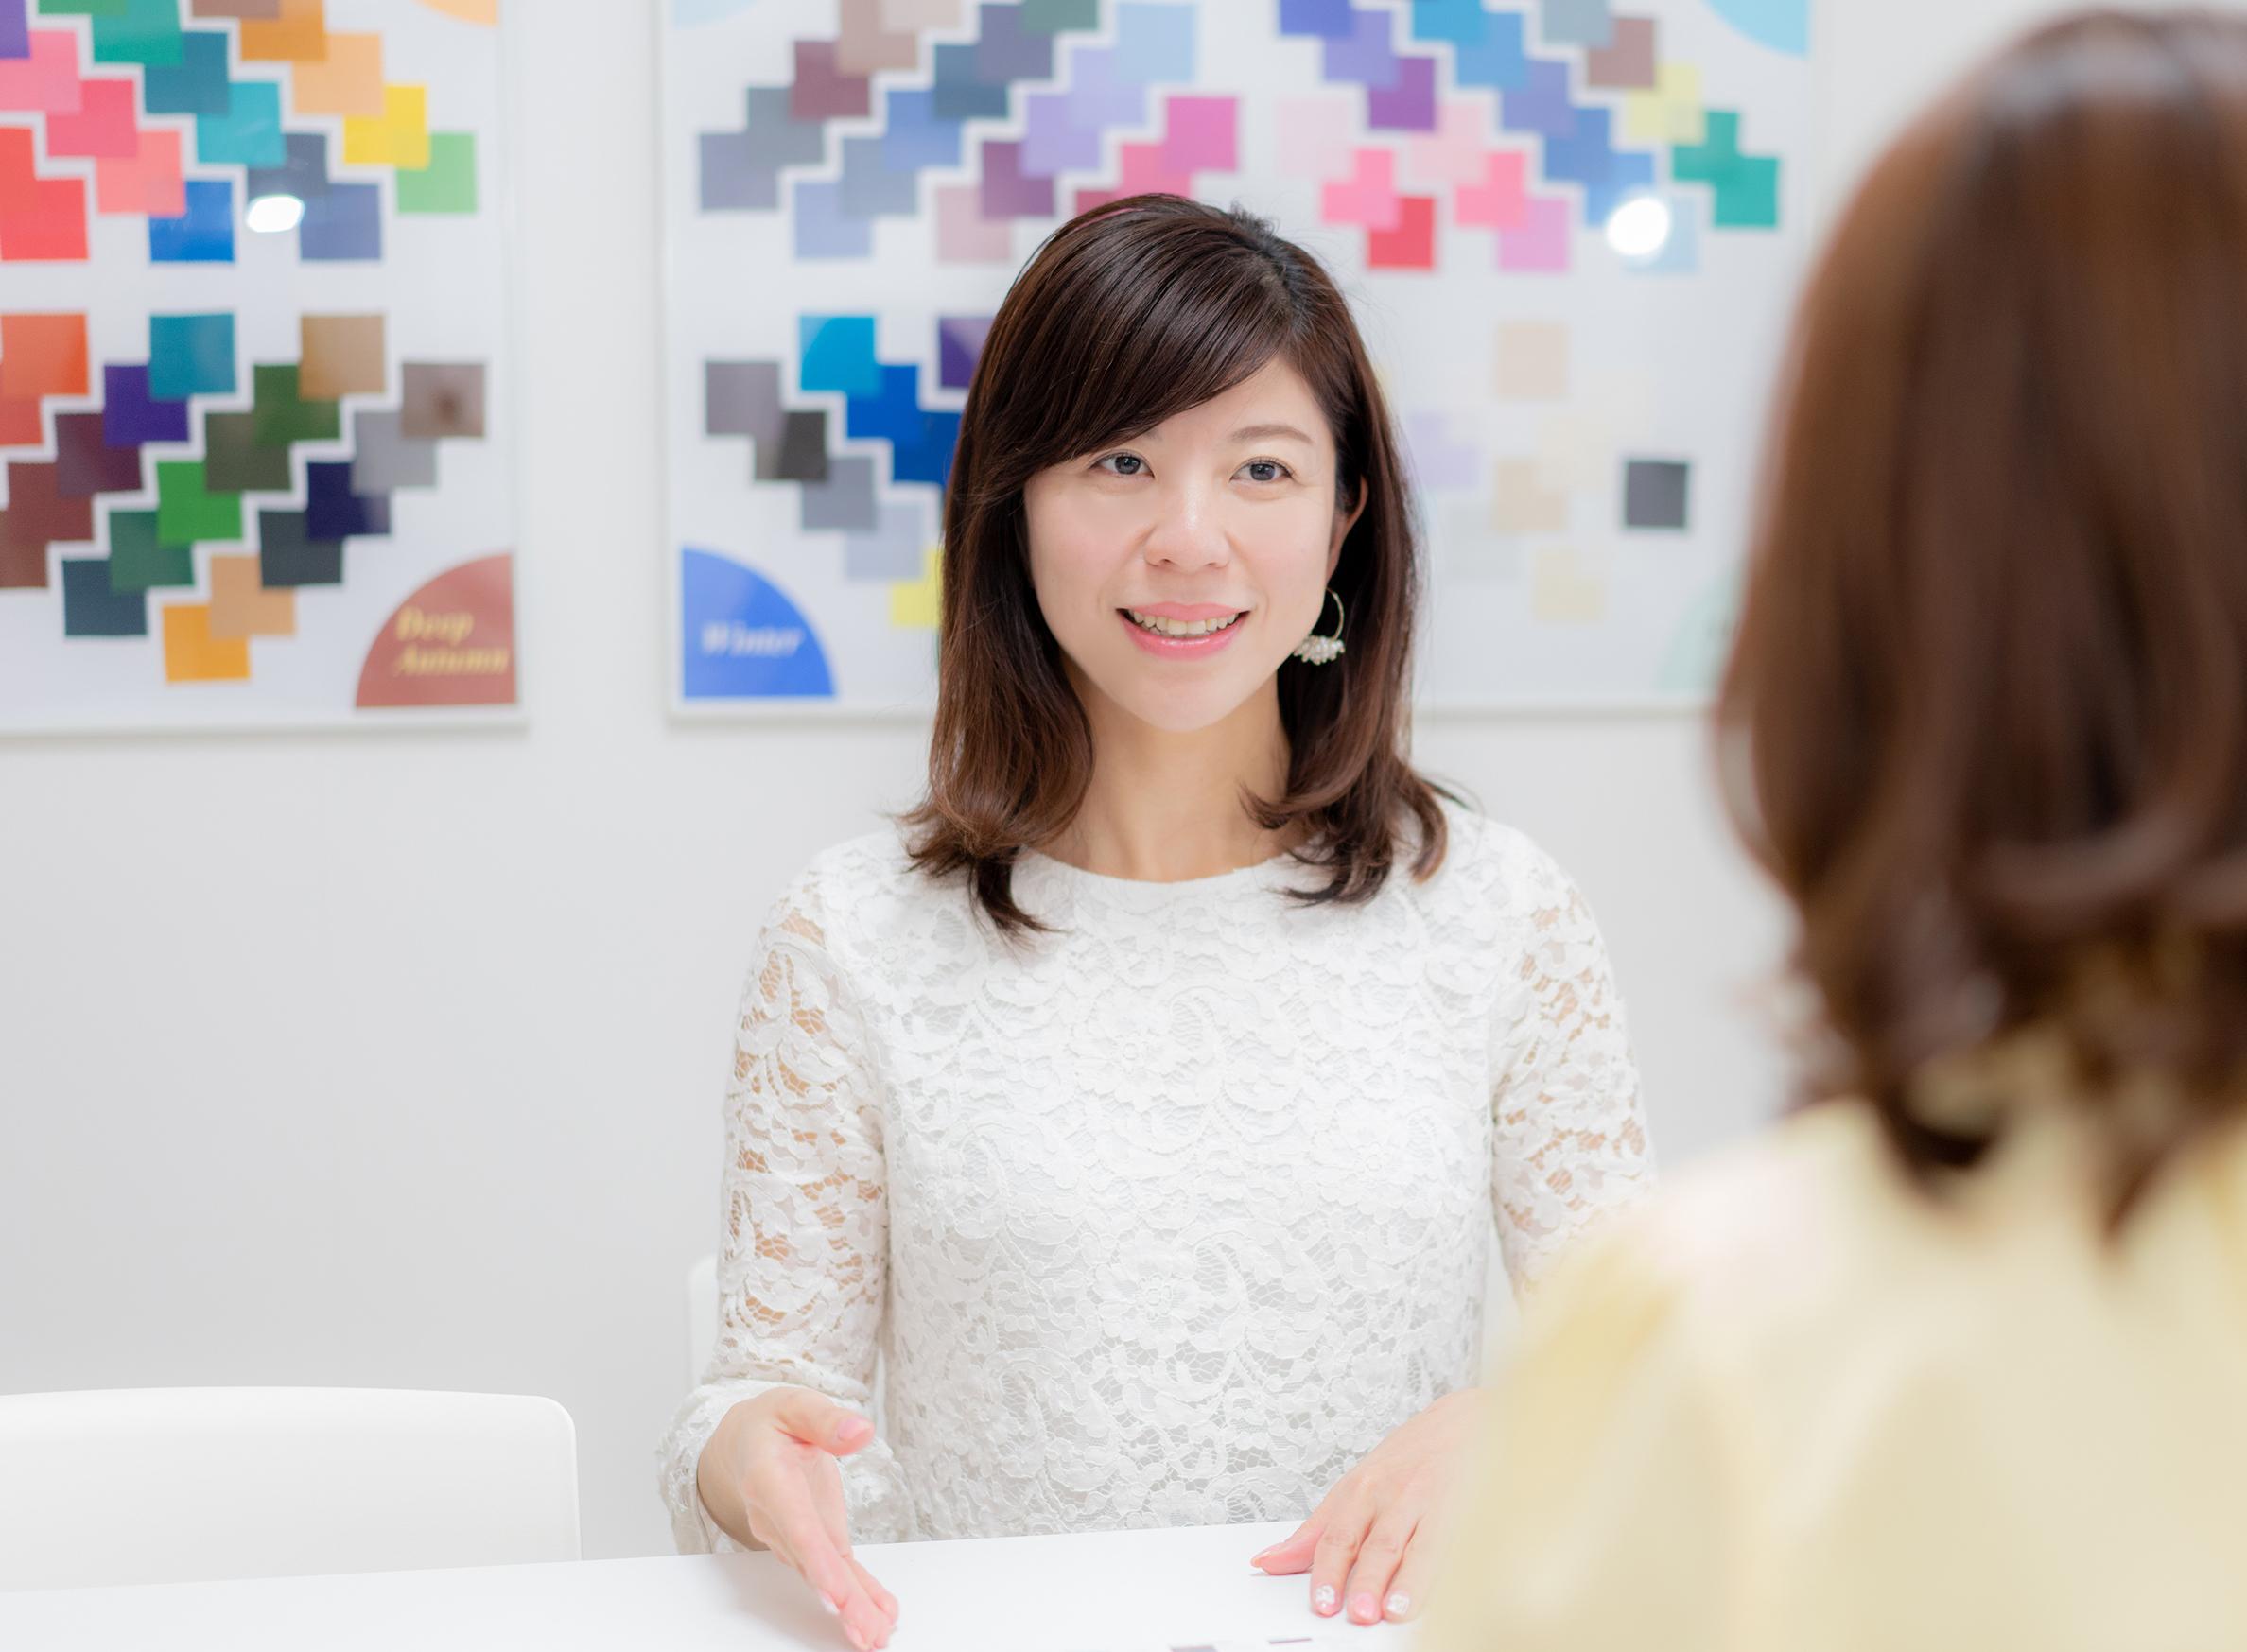 【カラーコンサルタント養成講座】9月開講のお知らせ